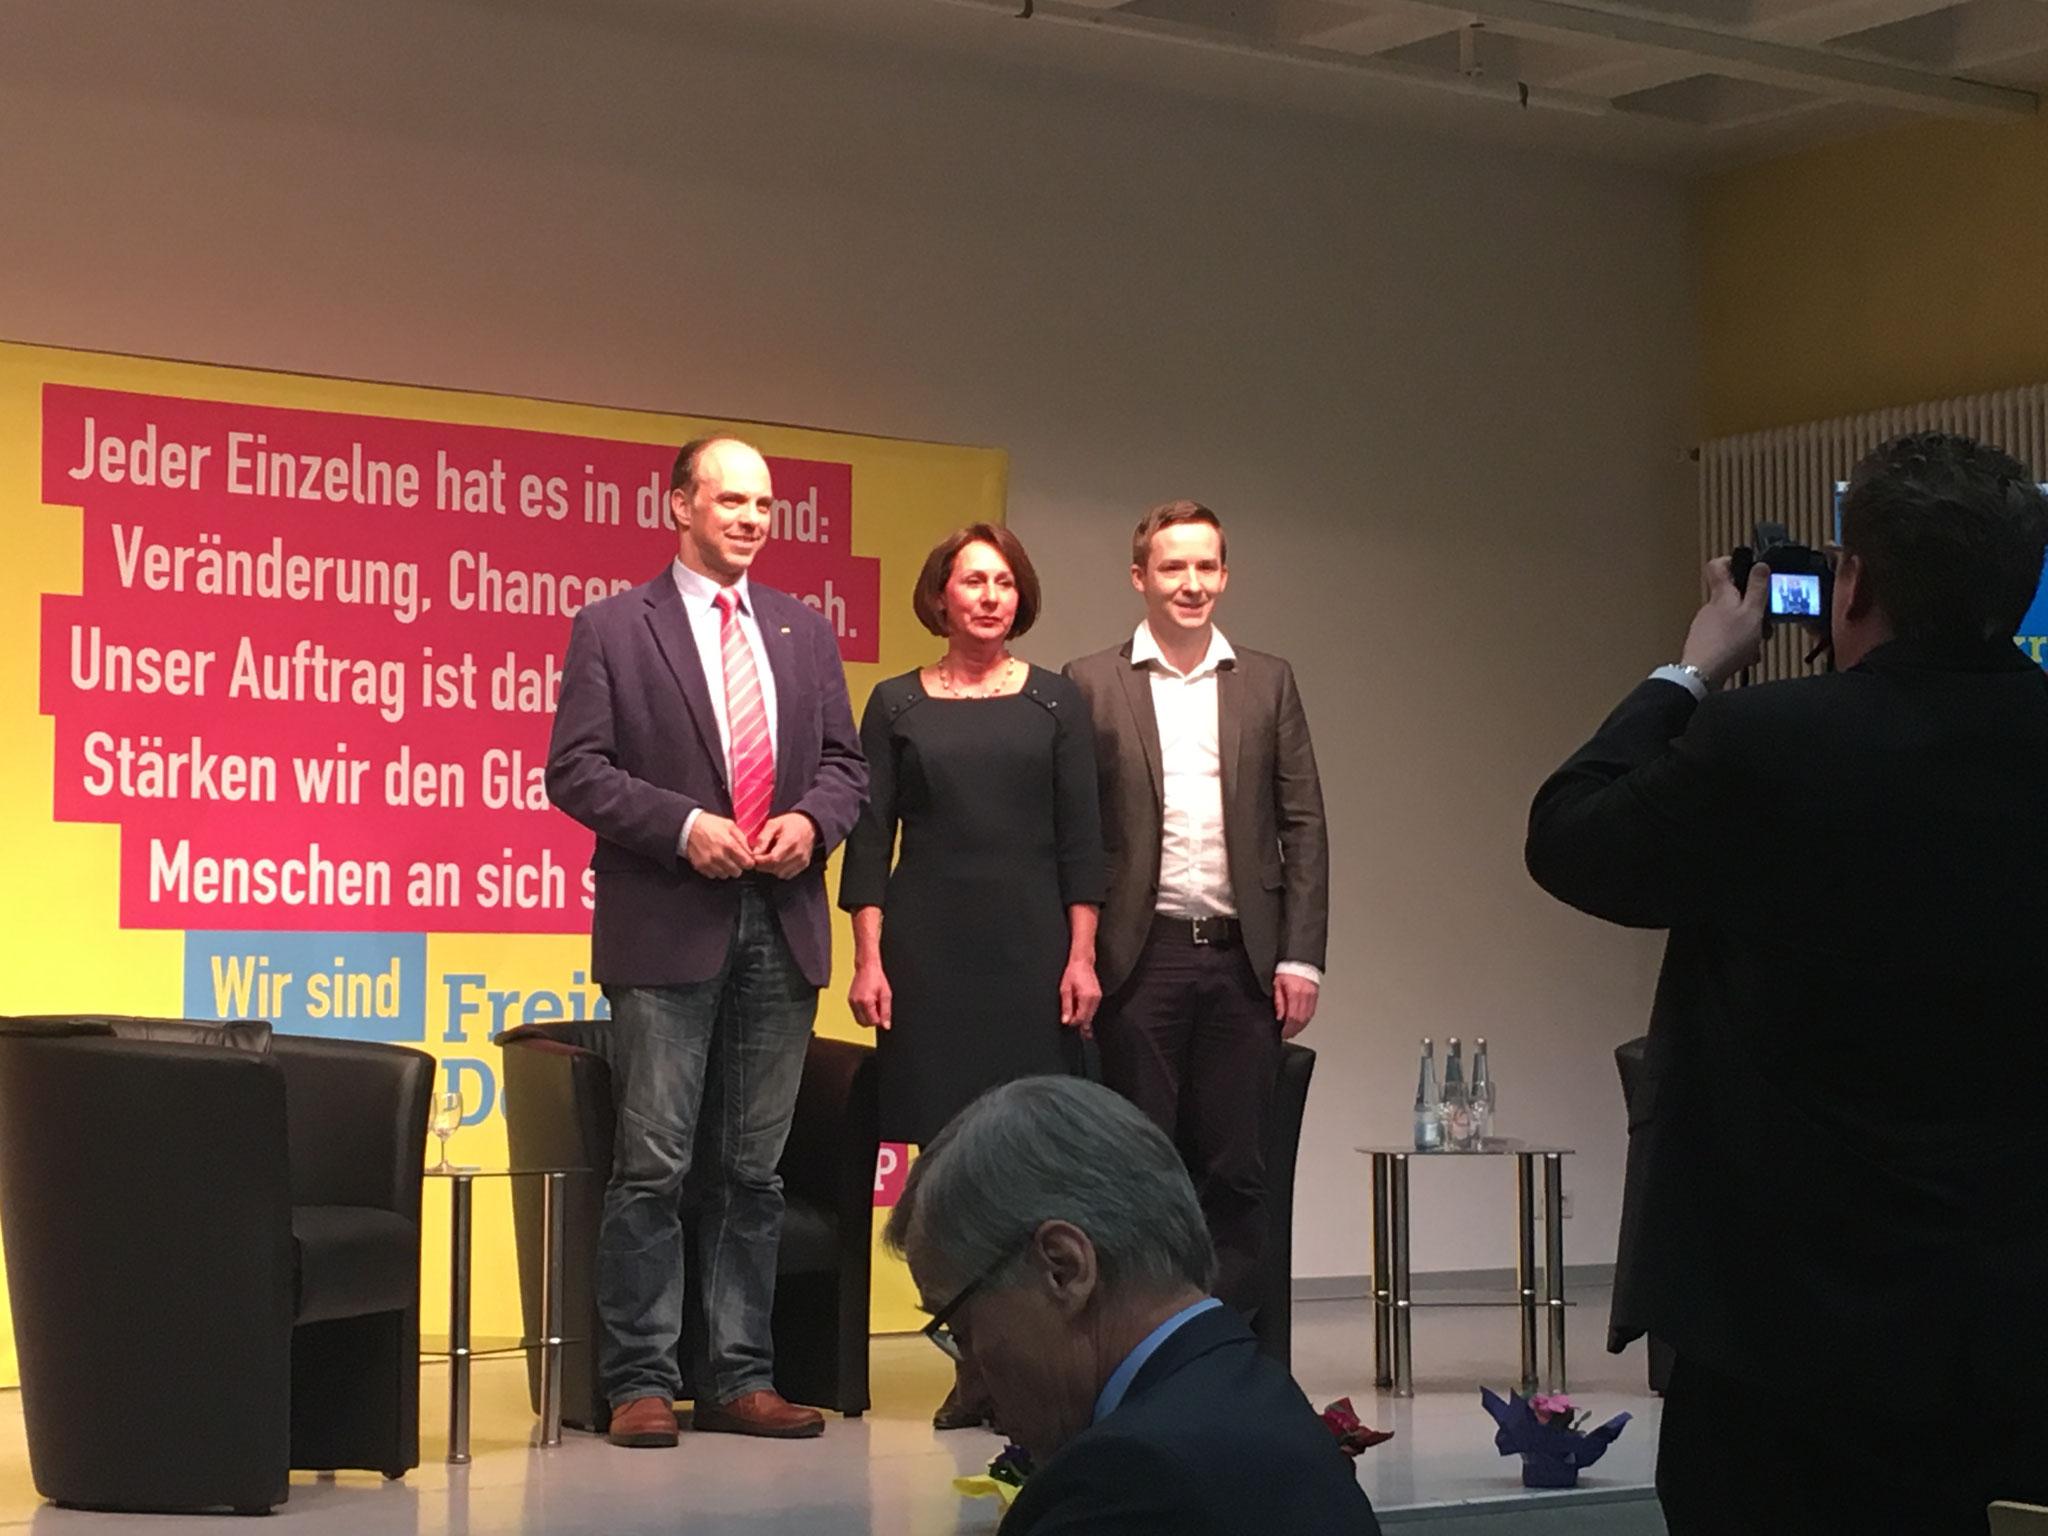 v.L. Ralph Lorenz und Nicole Westig Bundestagskandidaten der FDP aus dem Rhein-Sieg-Kreis sowie Florian Glock Bundestagskandidat der Jungen Liberalen RLP und des Wahlkreises 200 (Koblenz), leider Krank Sandra Weser (Bundestagskandidatin im Wahlkreis 198)